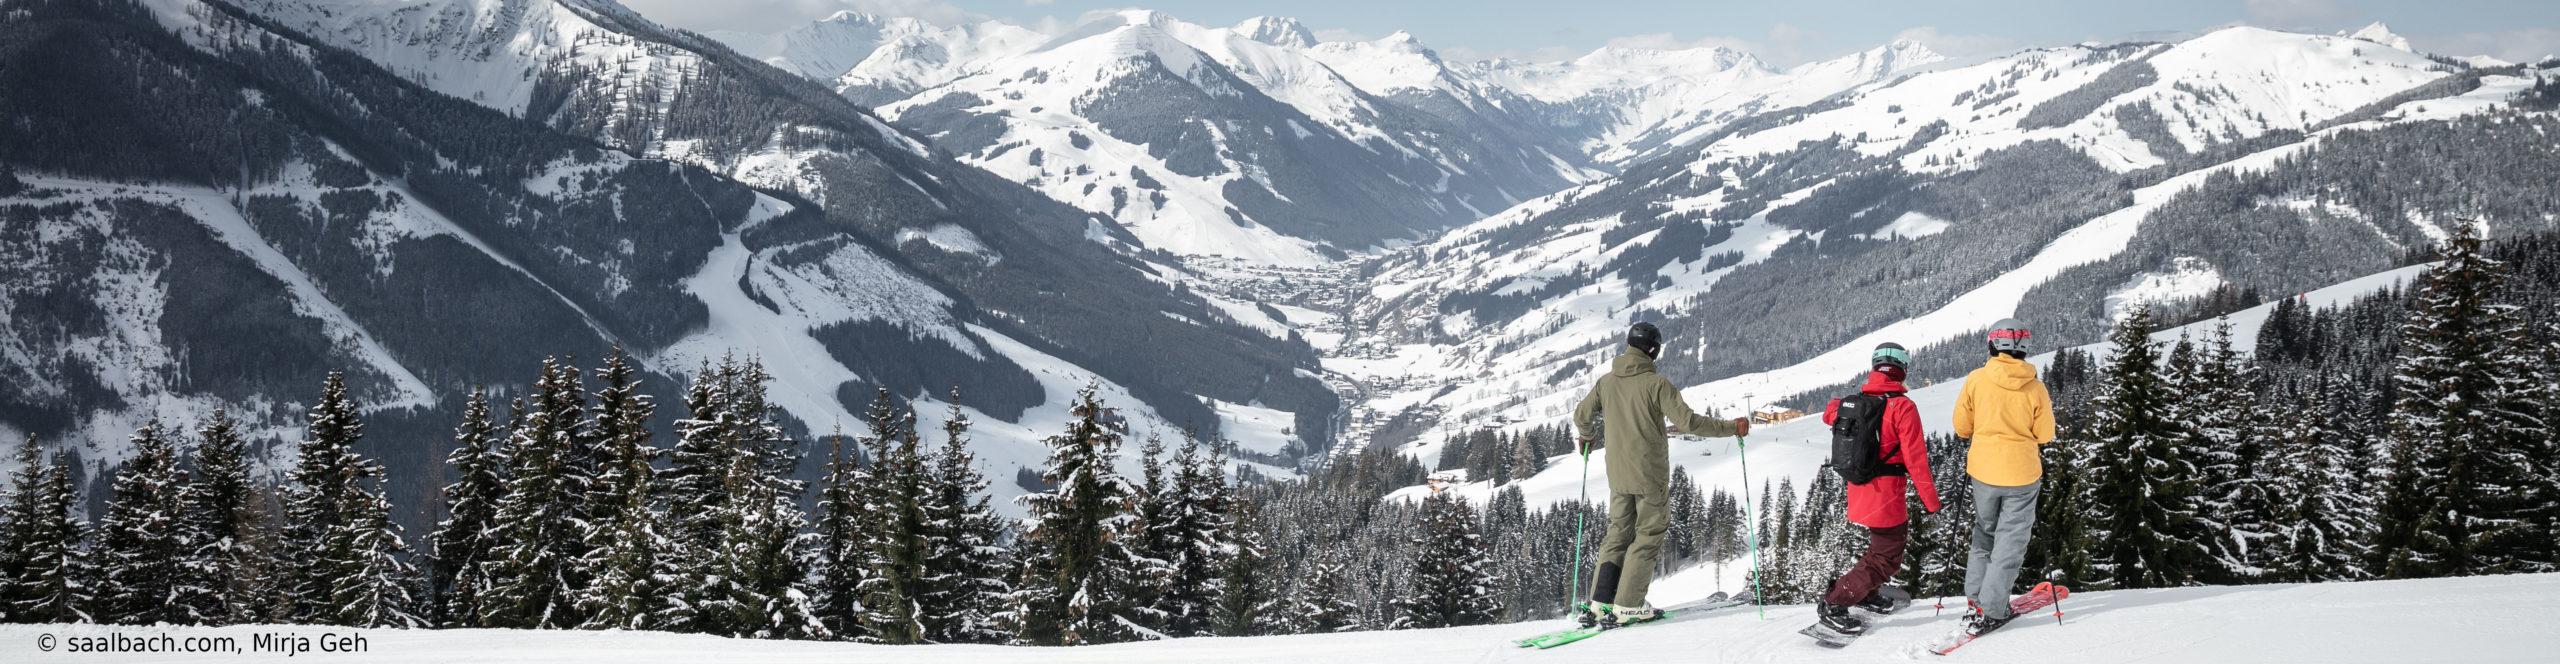 SAALBACH HINTERGLEMM – SchneeSparTag – Preishammer inklusive Skipass